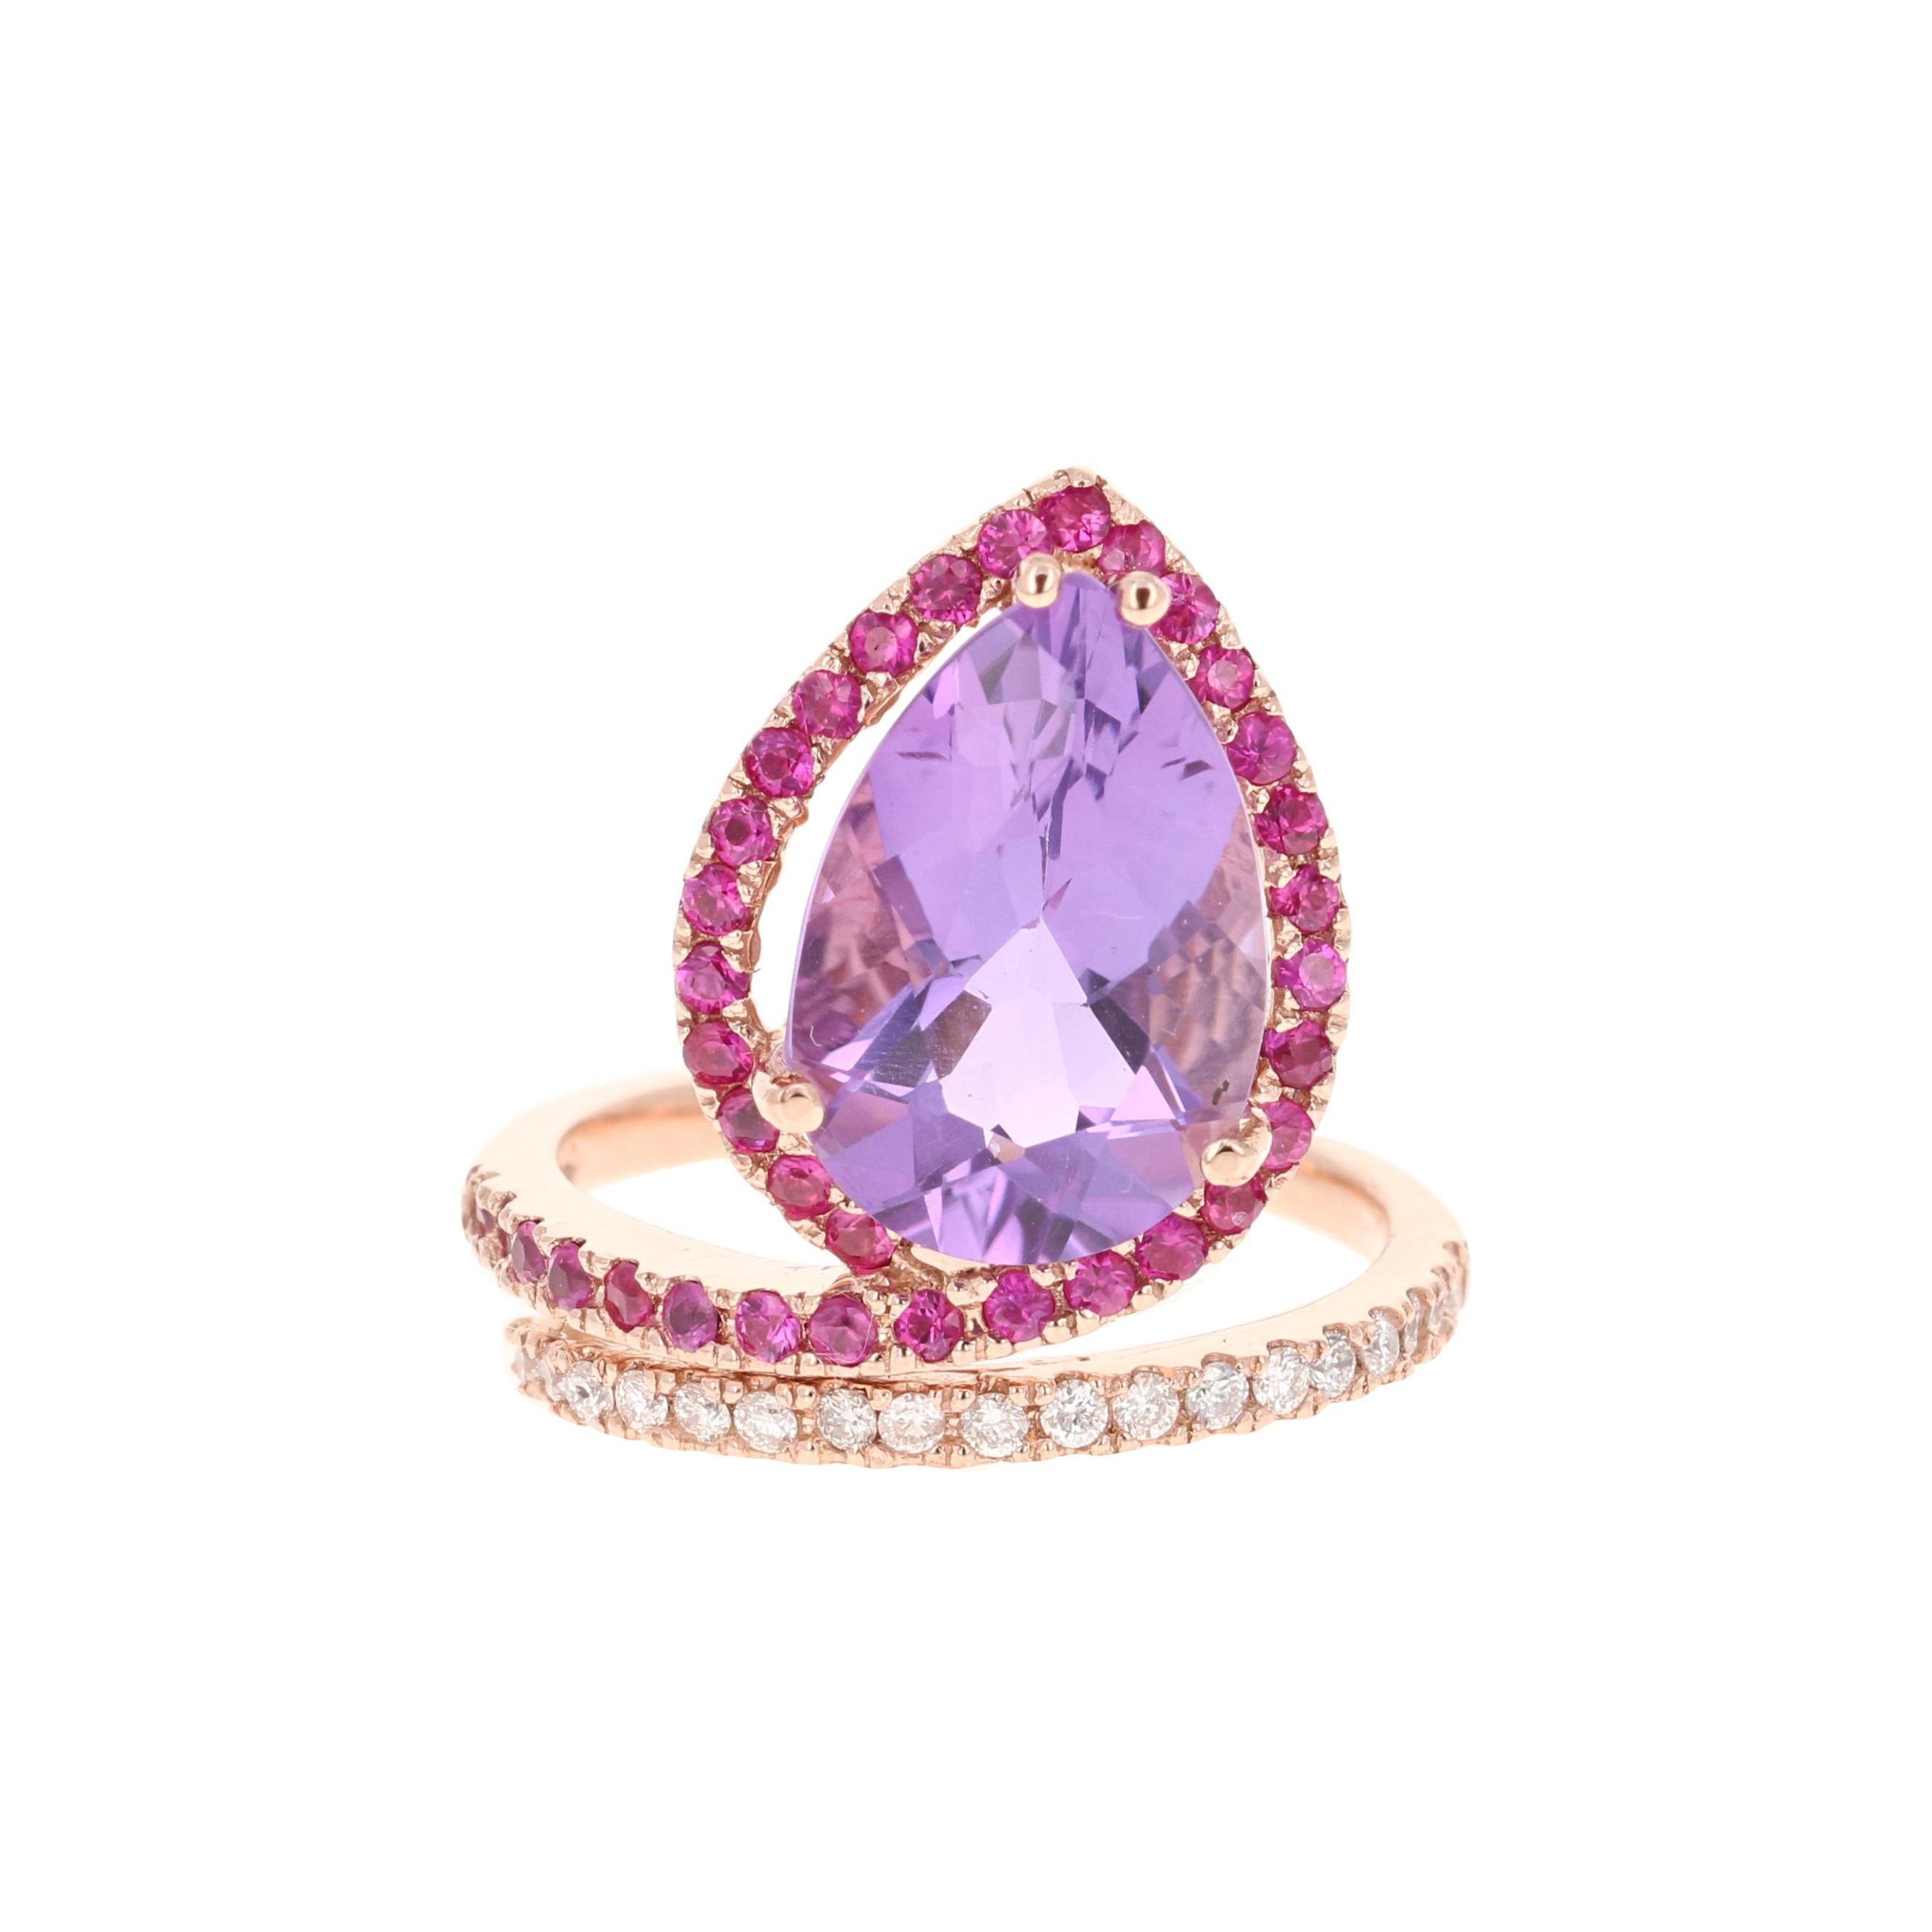 5.49 Carat Amethyst Pink Sapphire Diamond 14 Karat Rose Gold Cocktail Ring